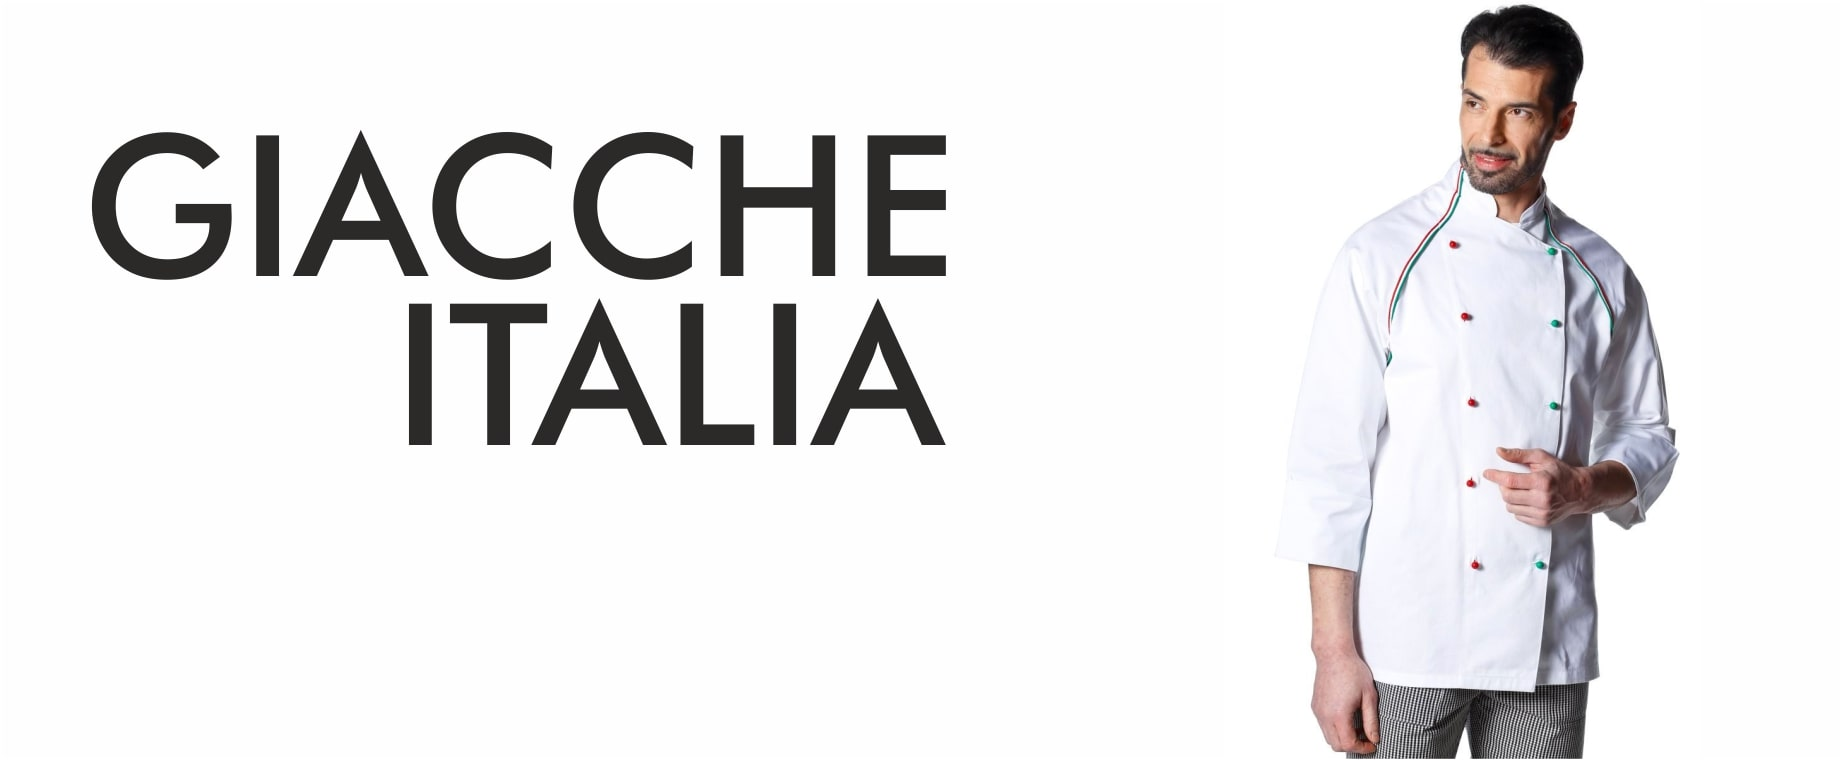 Giacche cuoco Italia